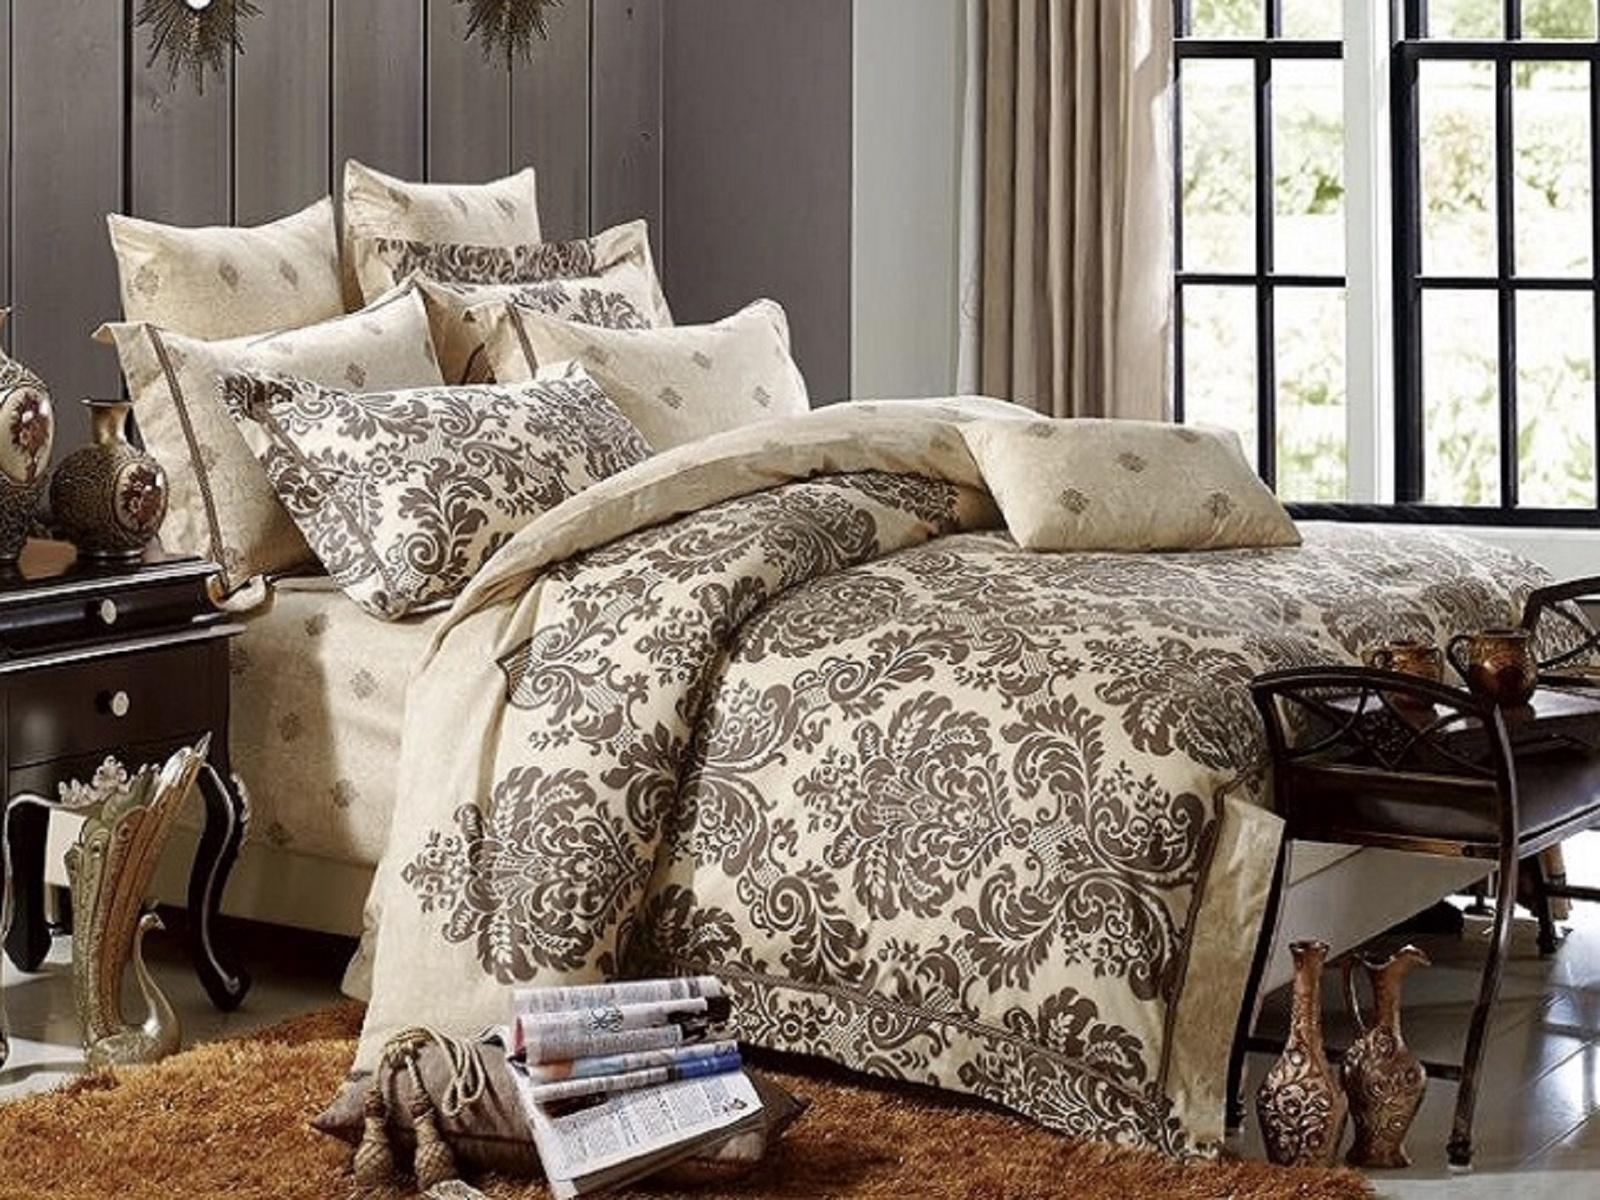 Комплект постельного белья DO&CO CARINO9408Новинки брендового постельного белья скрасят ваш сон и украсят постель. Натуральный хлопок, из которого изготовлена продукция, подарит мягкость и уют. Приобретаятекстиль, постельное белье Вы экономите свой семейный бюджет. В состав комплекта входит: пододеяльник, простынь и 4 наволочки, что очень порадует любителей подушек.